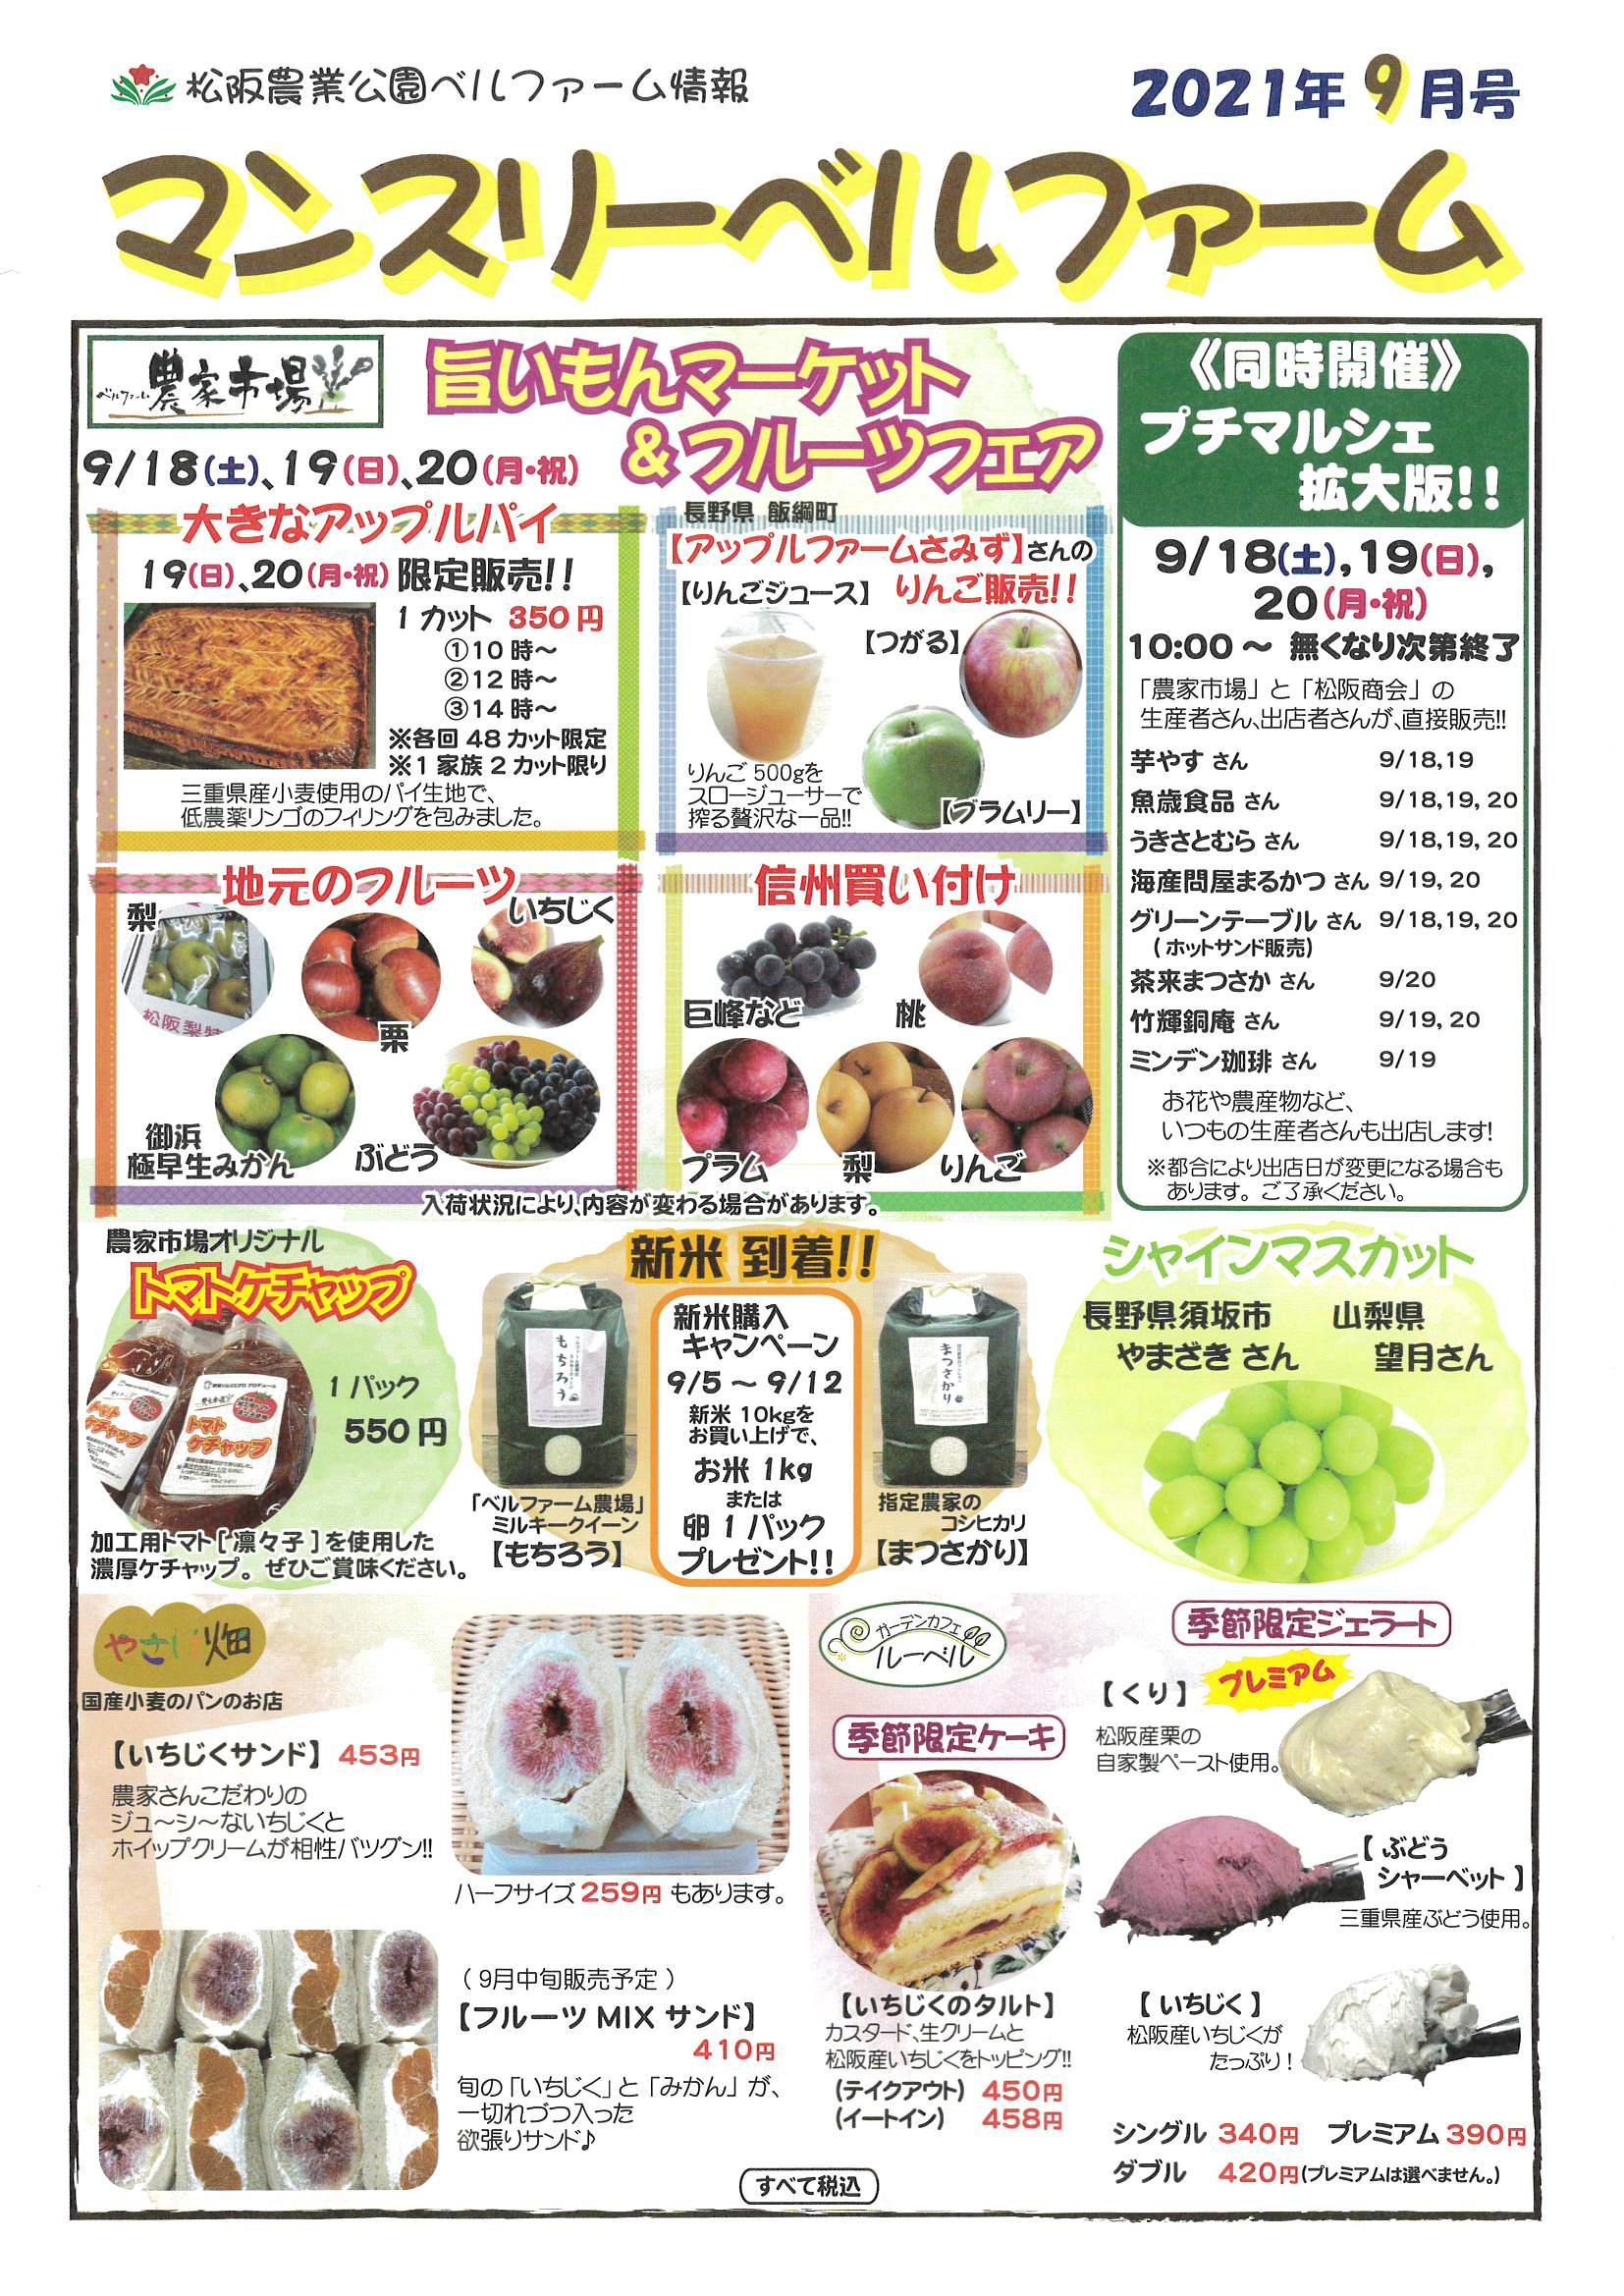 松阪農業公園ベルファーム情報 9月号